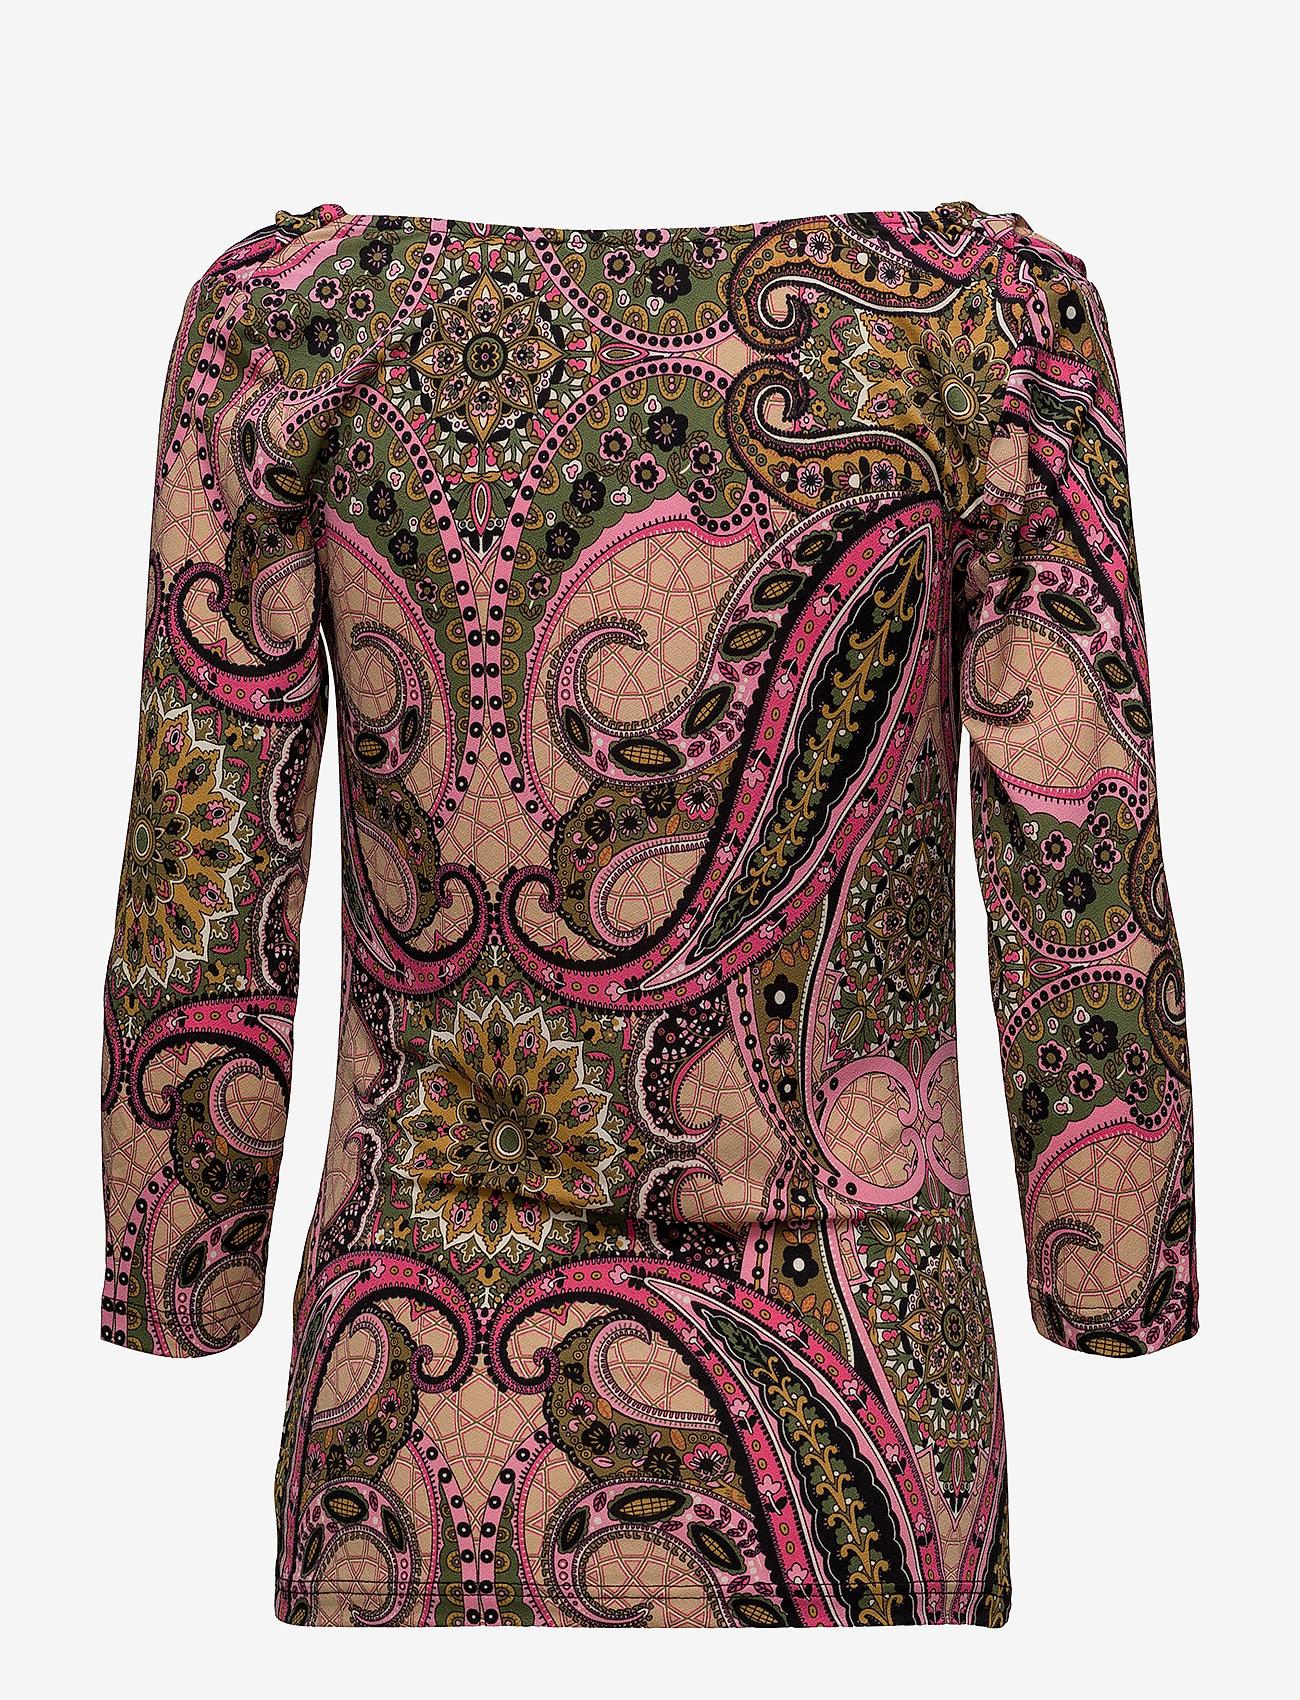 Blouse (399 Azalea Pink) - Ilse Jacobsen a6Xs2p